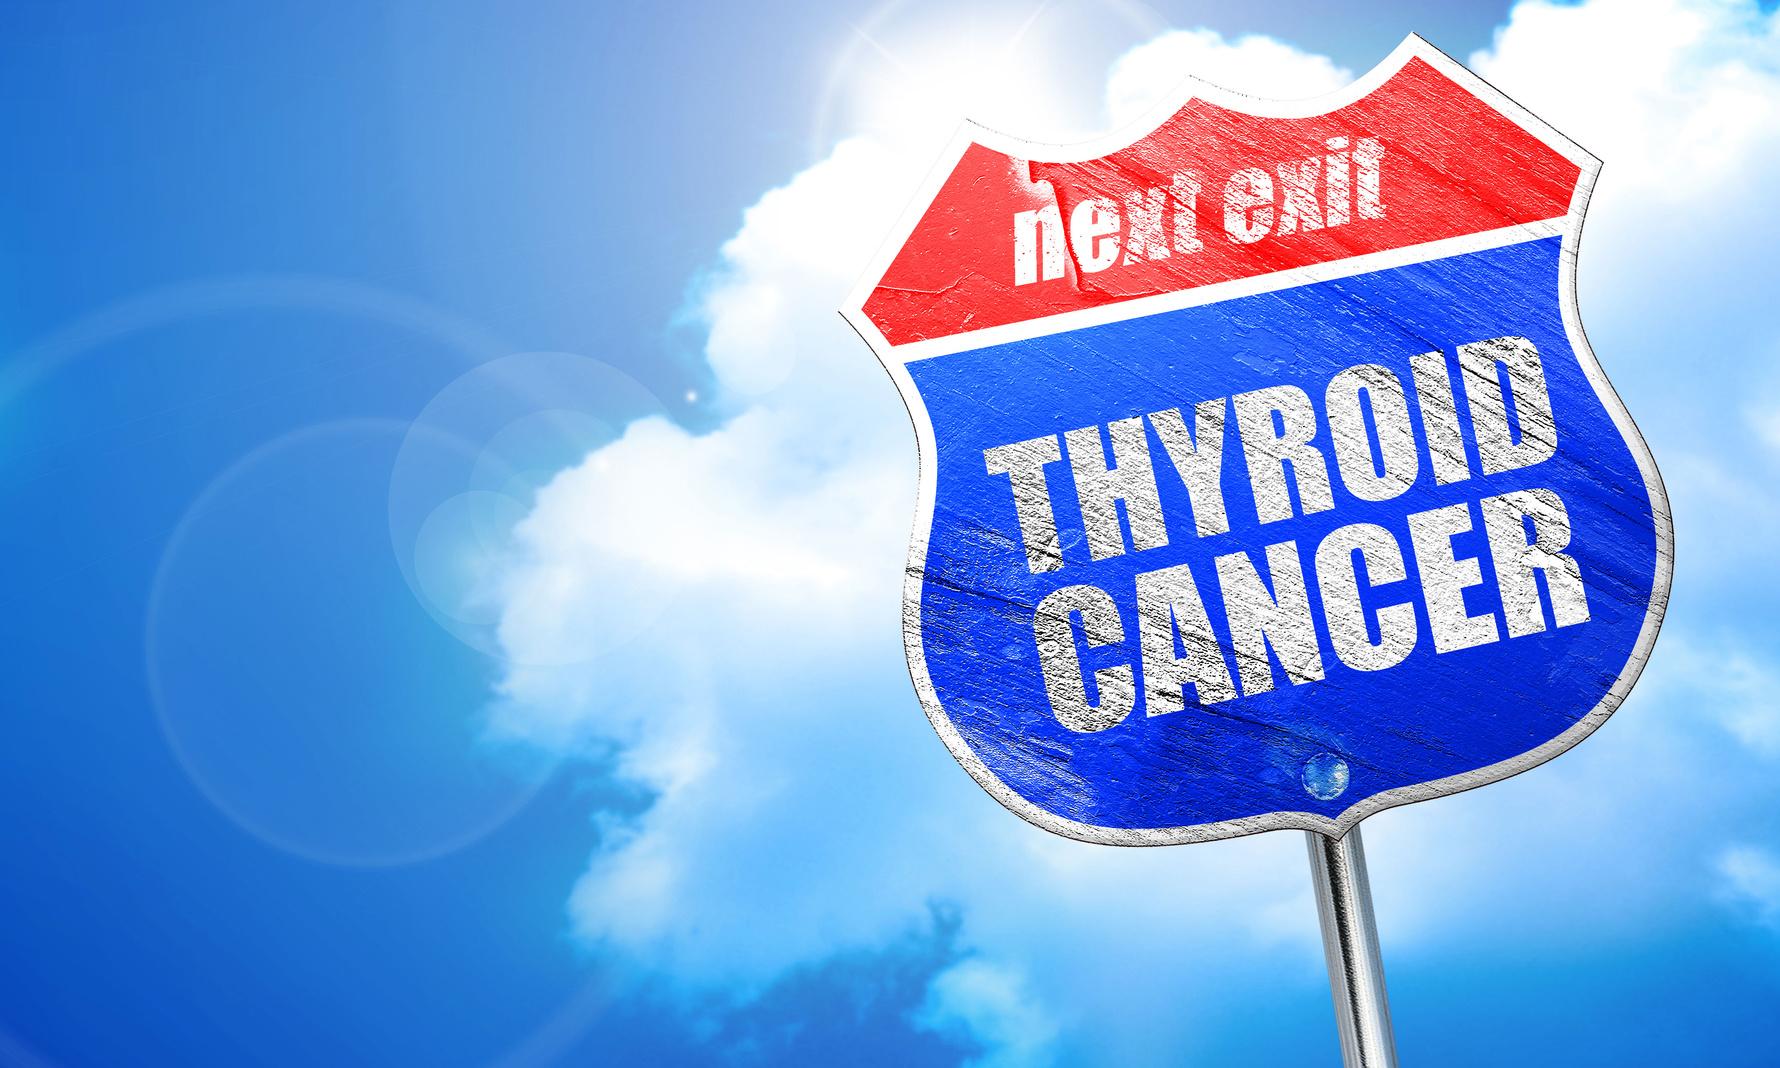 甲状腺がんでは、年間手術数25件以上の名医を選べば合併症の発生が少ない…!